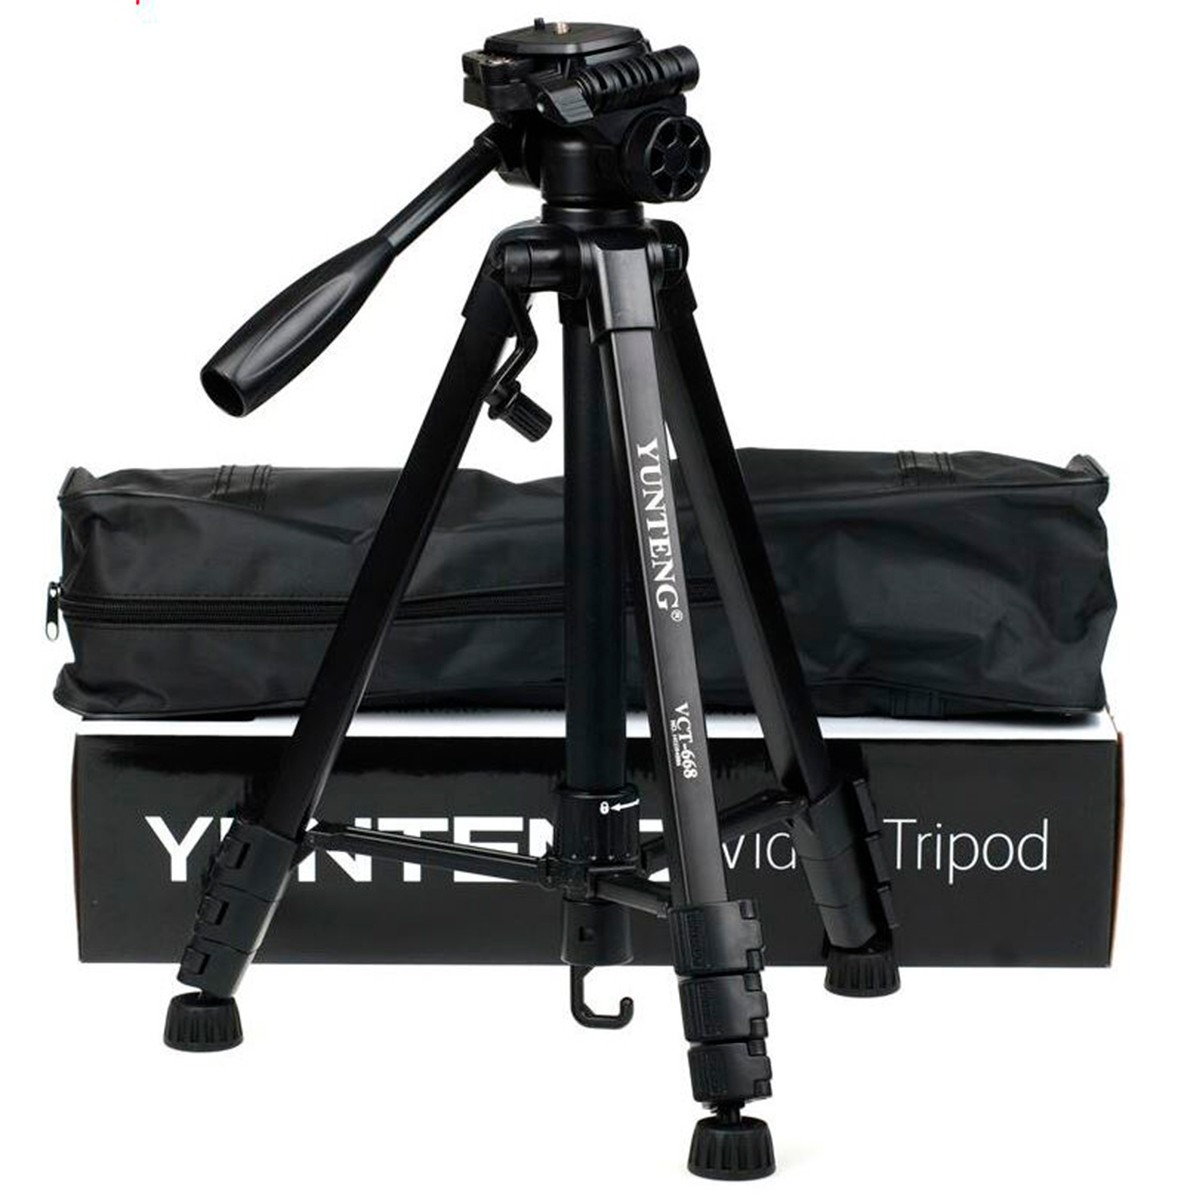 Tripé Universal Aluminio - Yunteng VCT-668 - Câmera Fotográfica e Celular - 146cm